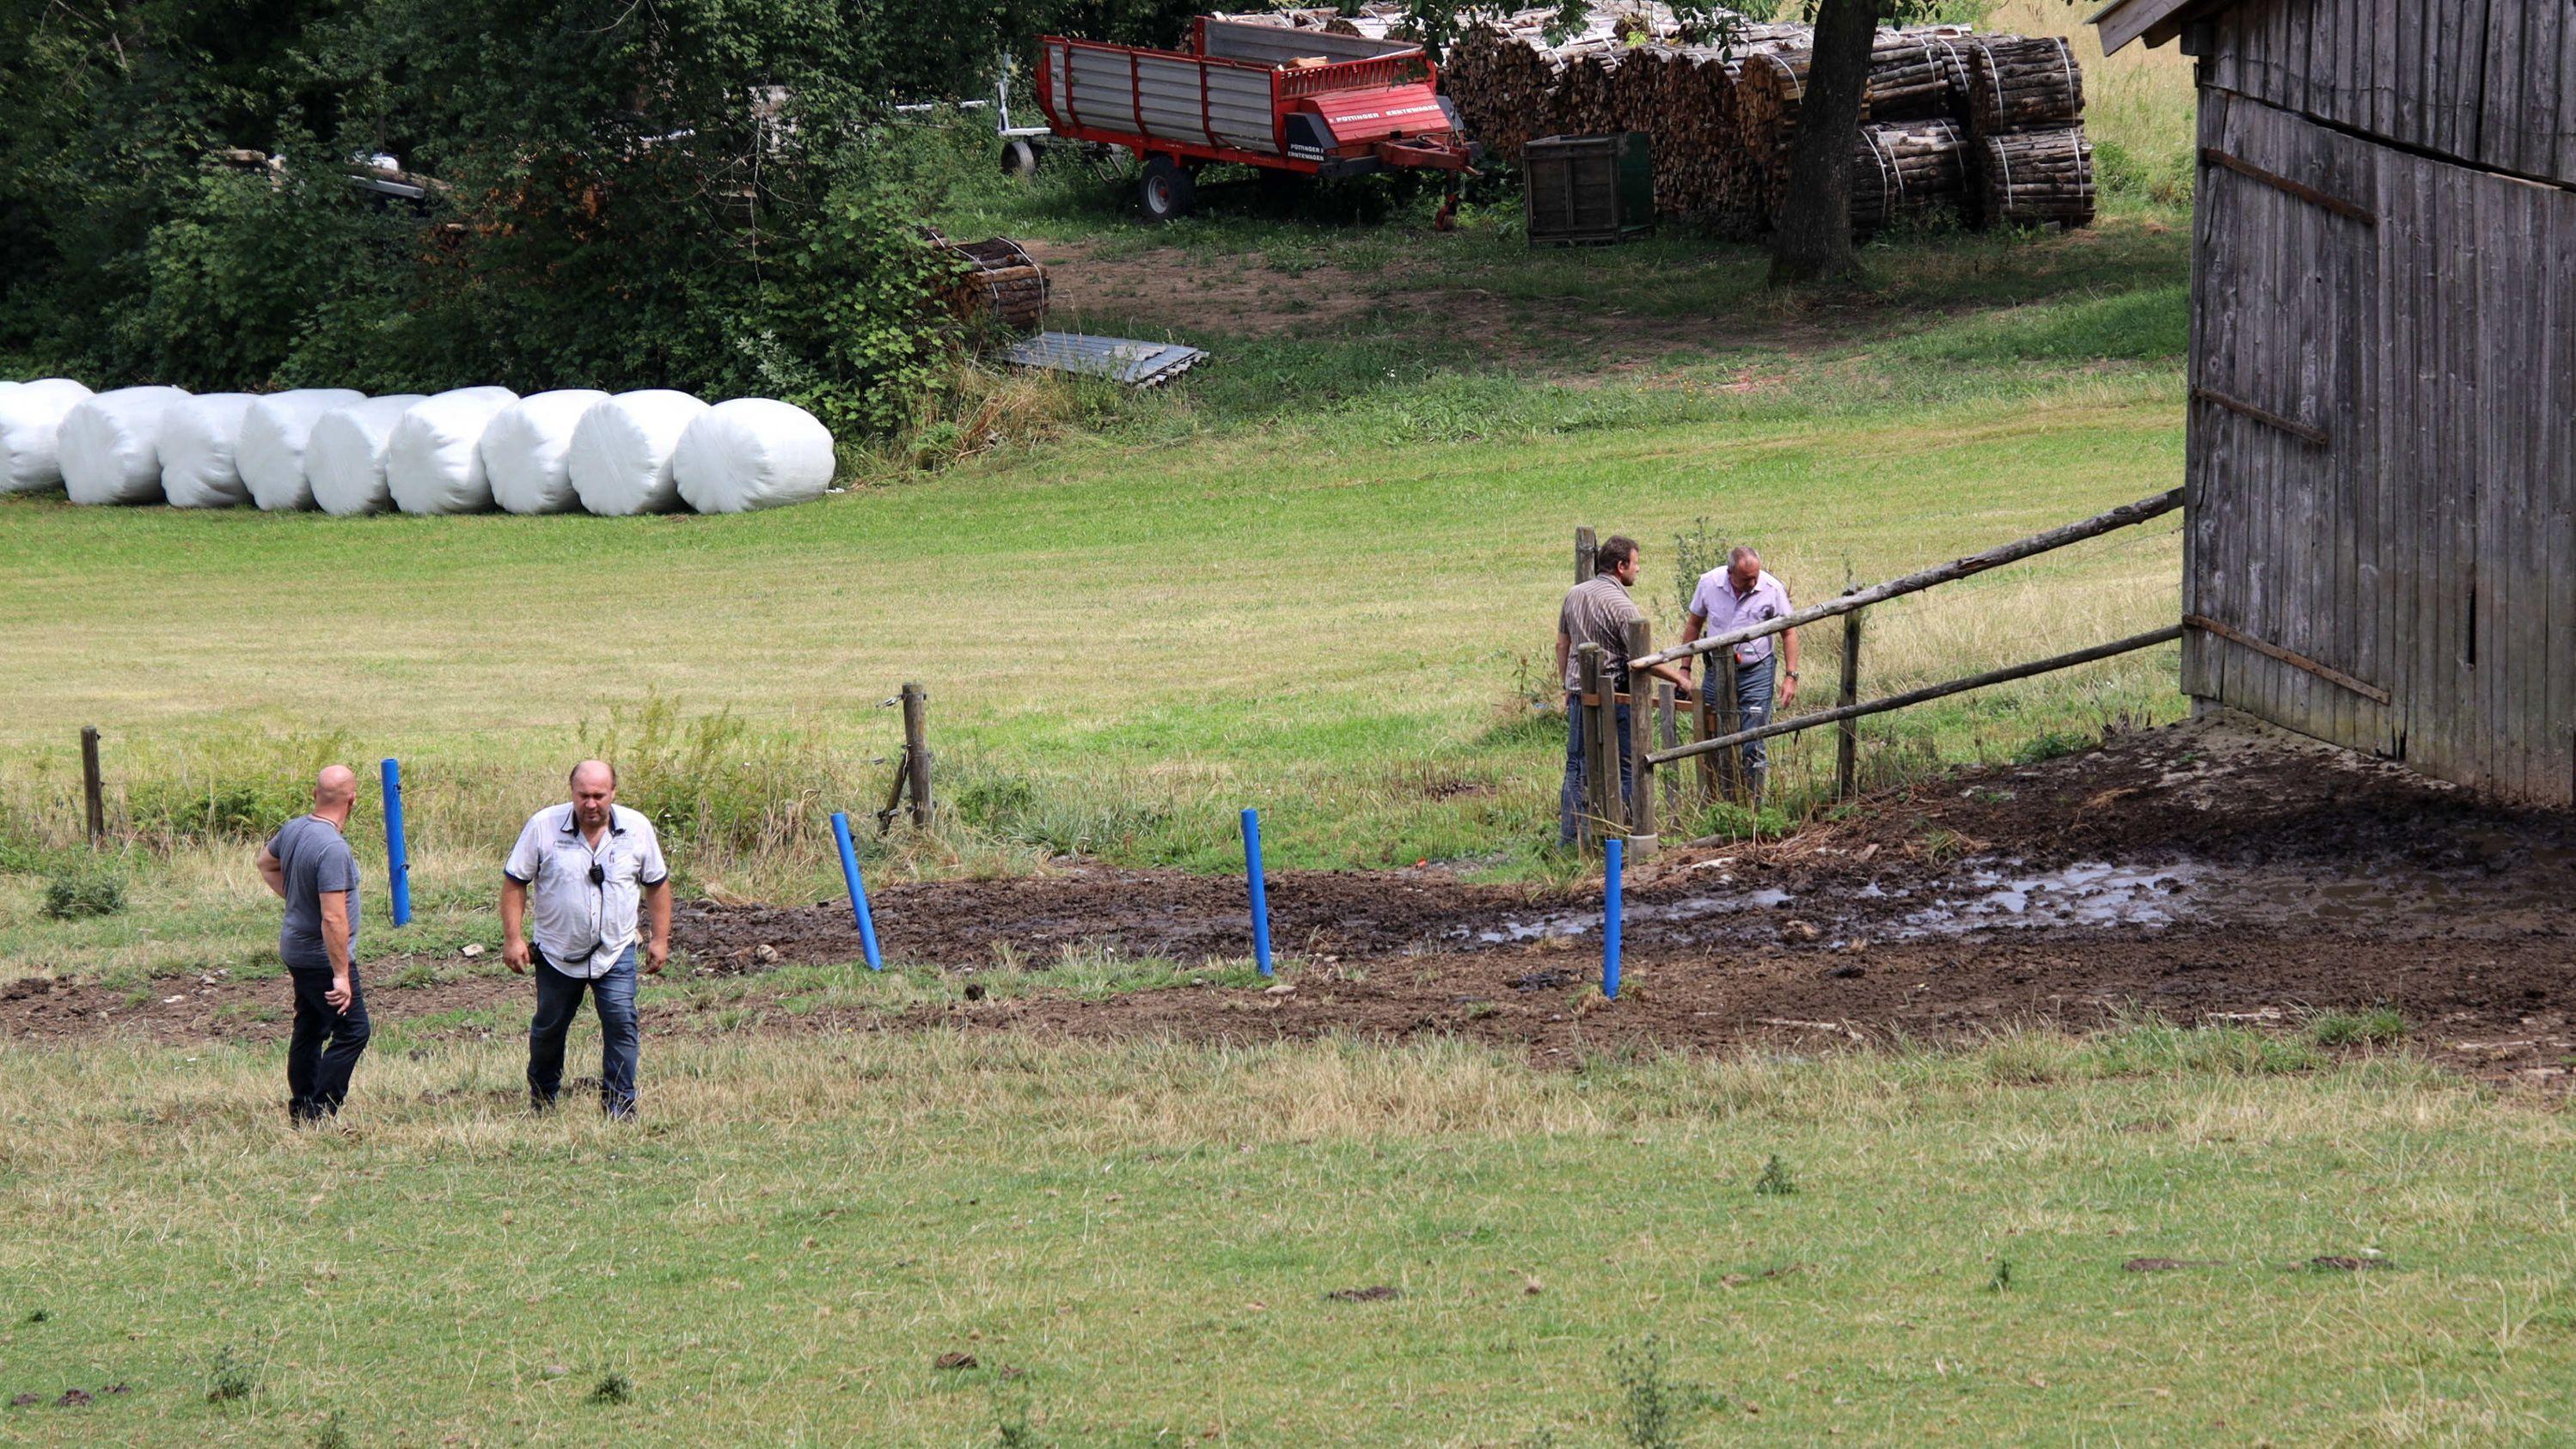 Polizisten in Zivil stehen auf einer Weide in Gleißenberg, auf der zuvor ein Stier zwei Menschen getötet hatte.